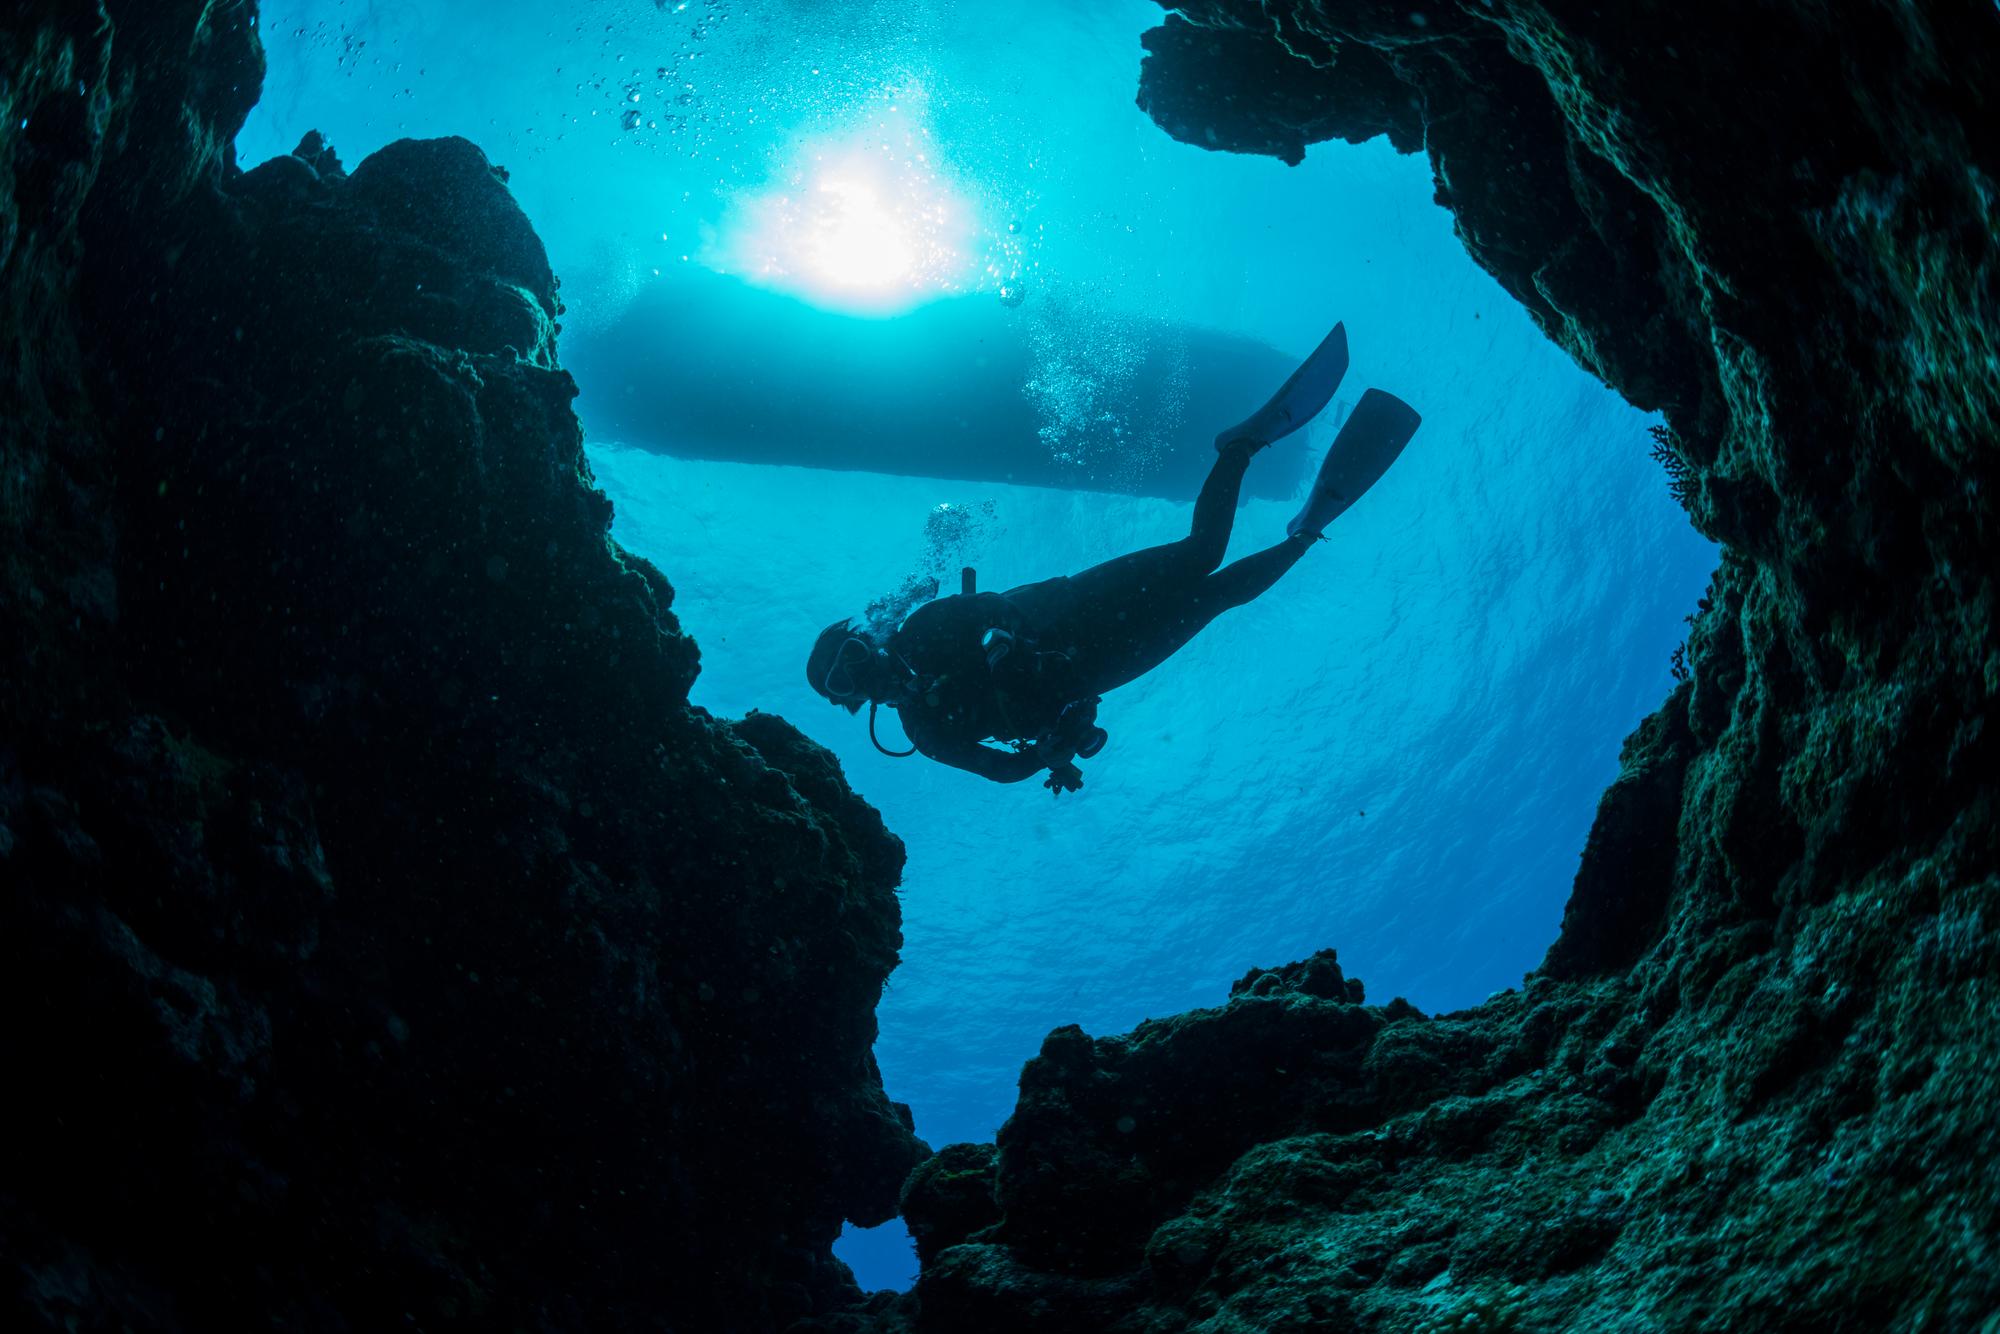 沖縄本島最南端の海でダイビング!糸満エリアの人気ダイビングスポット